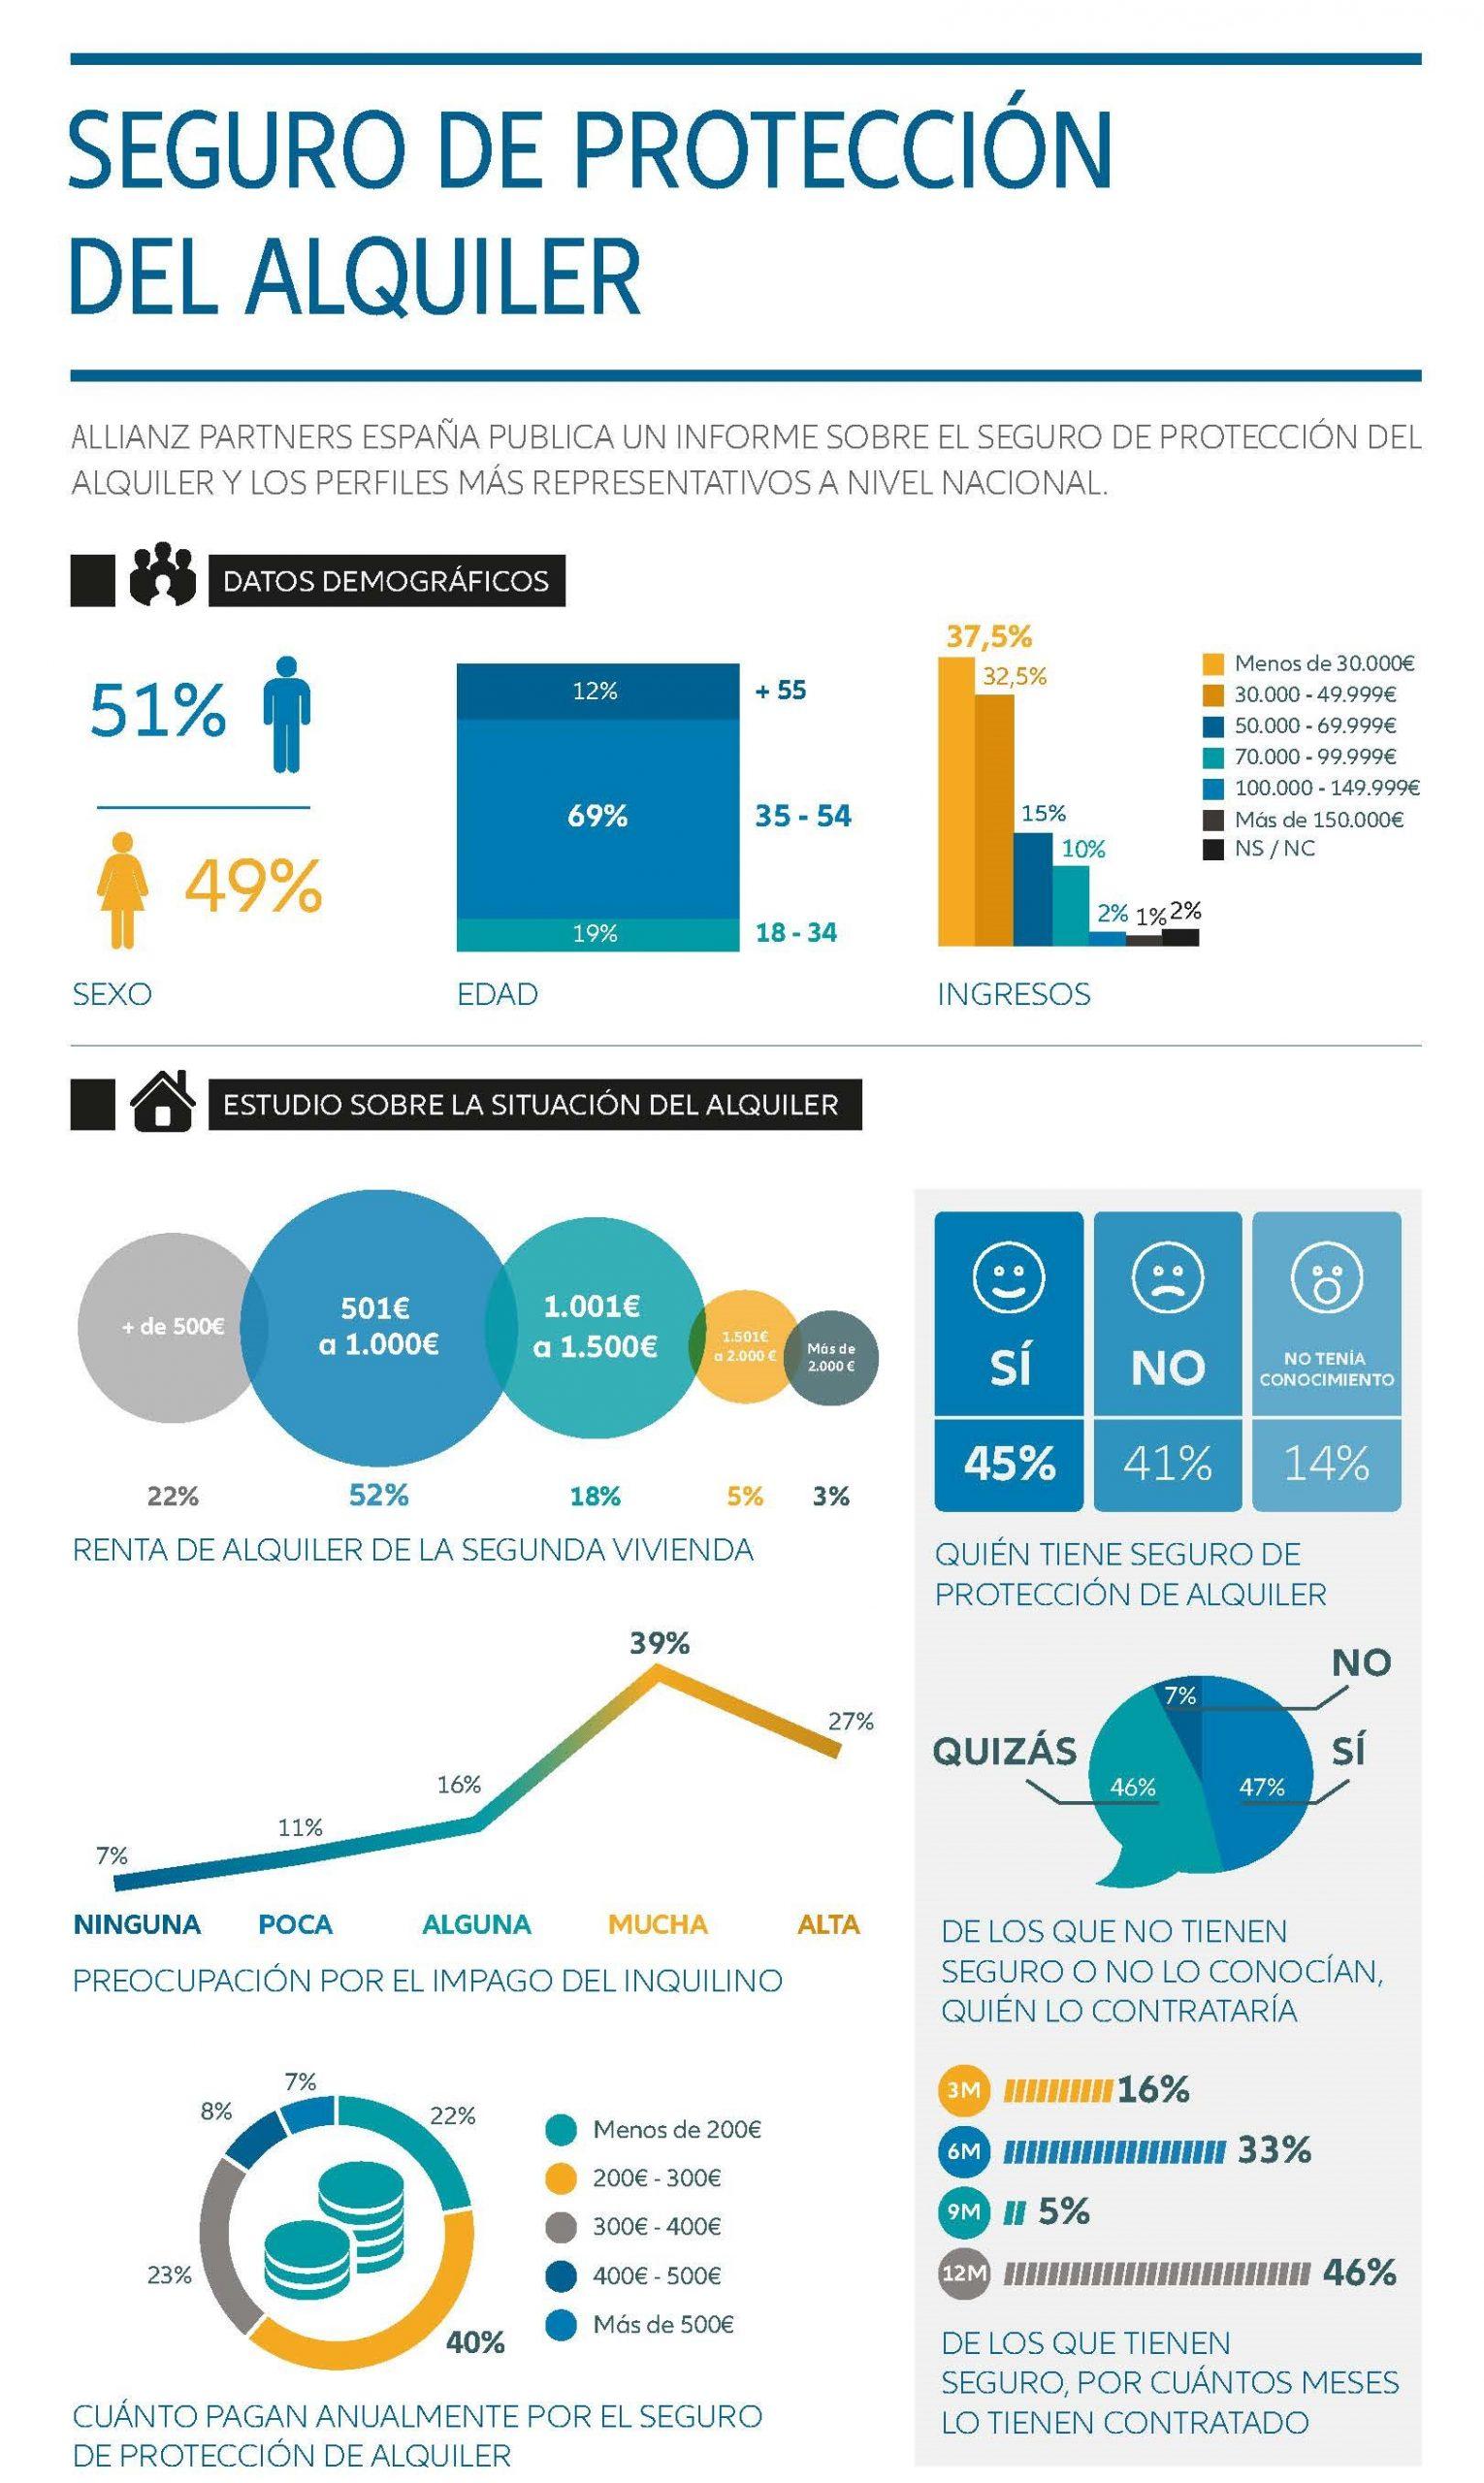 Infografía_seguro_alquiler_ap